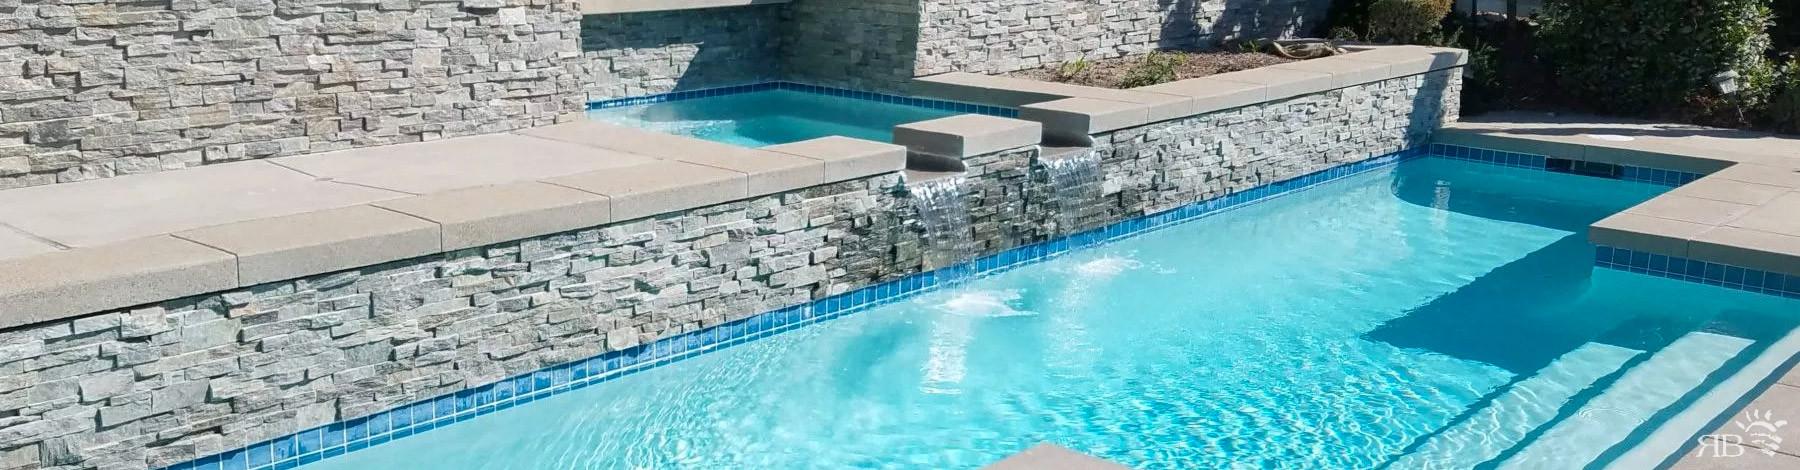 Tecniche di costruzione delle piscine